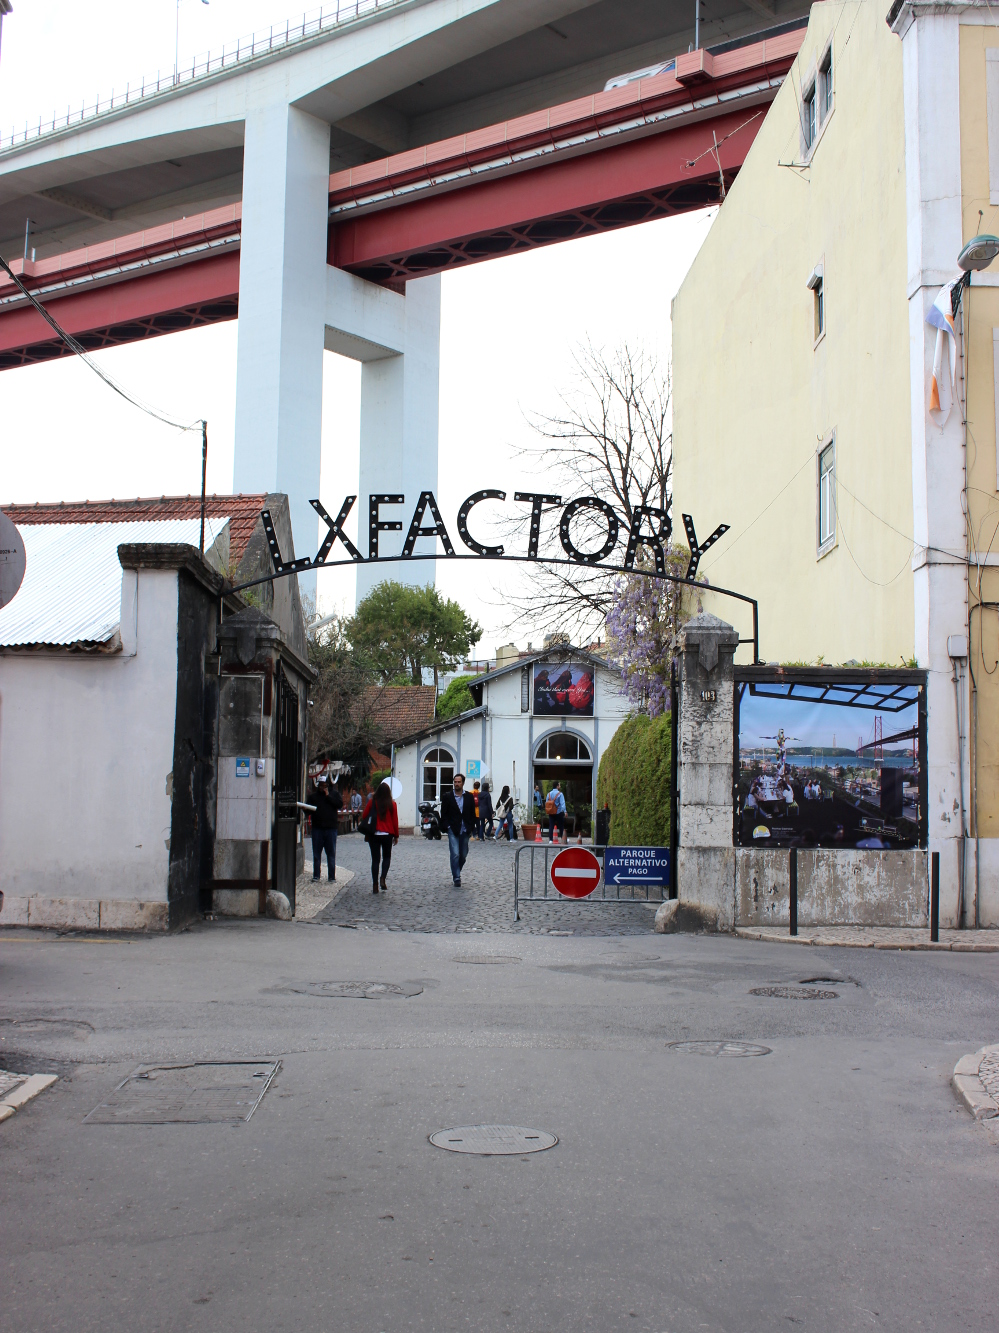 Lissabon Lisbon Lisboa Travel Diary Reise Bericht Tipps LX Factory Entrance